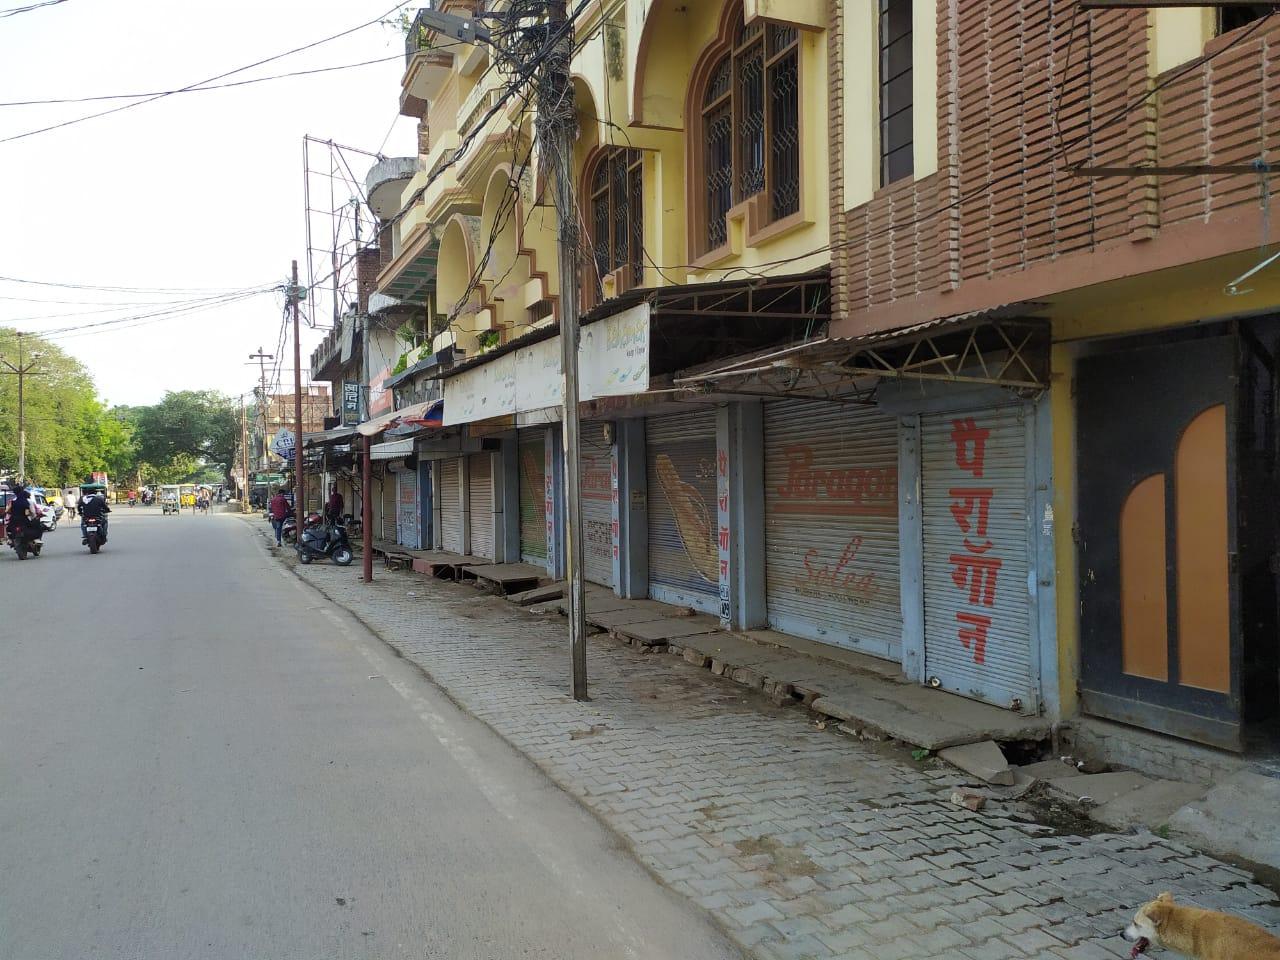 63 कैंटोनमेंट जोन को छोड़कर सभी क्षेत्रों में दिन का कर्फ्यू हटा, रात का कर्फ्यू जारी रहेगा|प्रयागराज (इलाहाबाद),Prayagraj (Allahabad) - Dainik Bhaskar